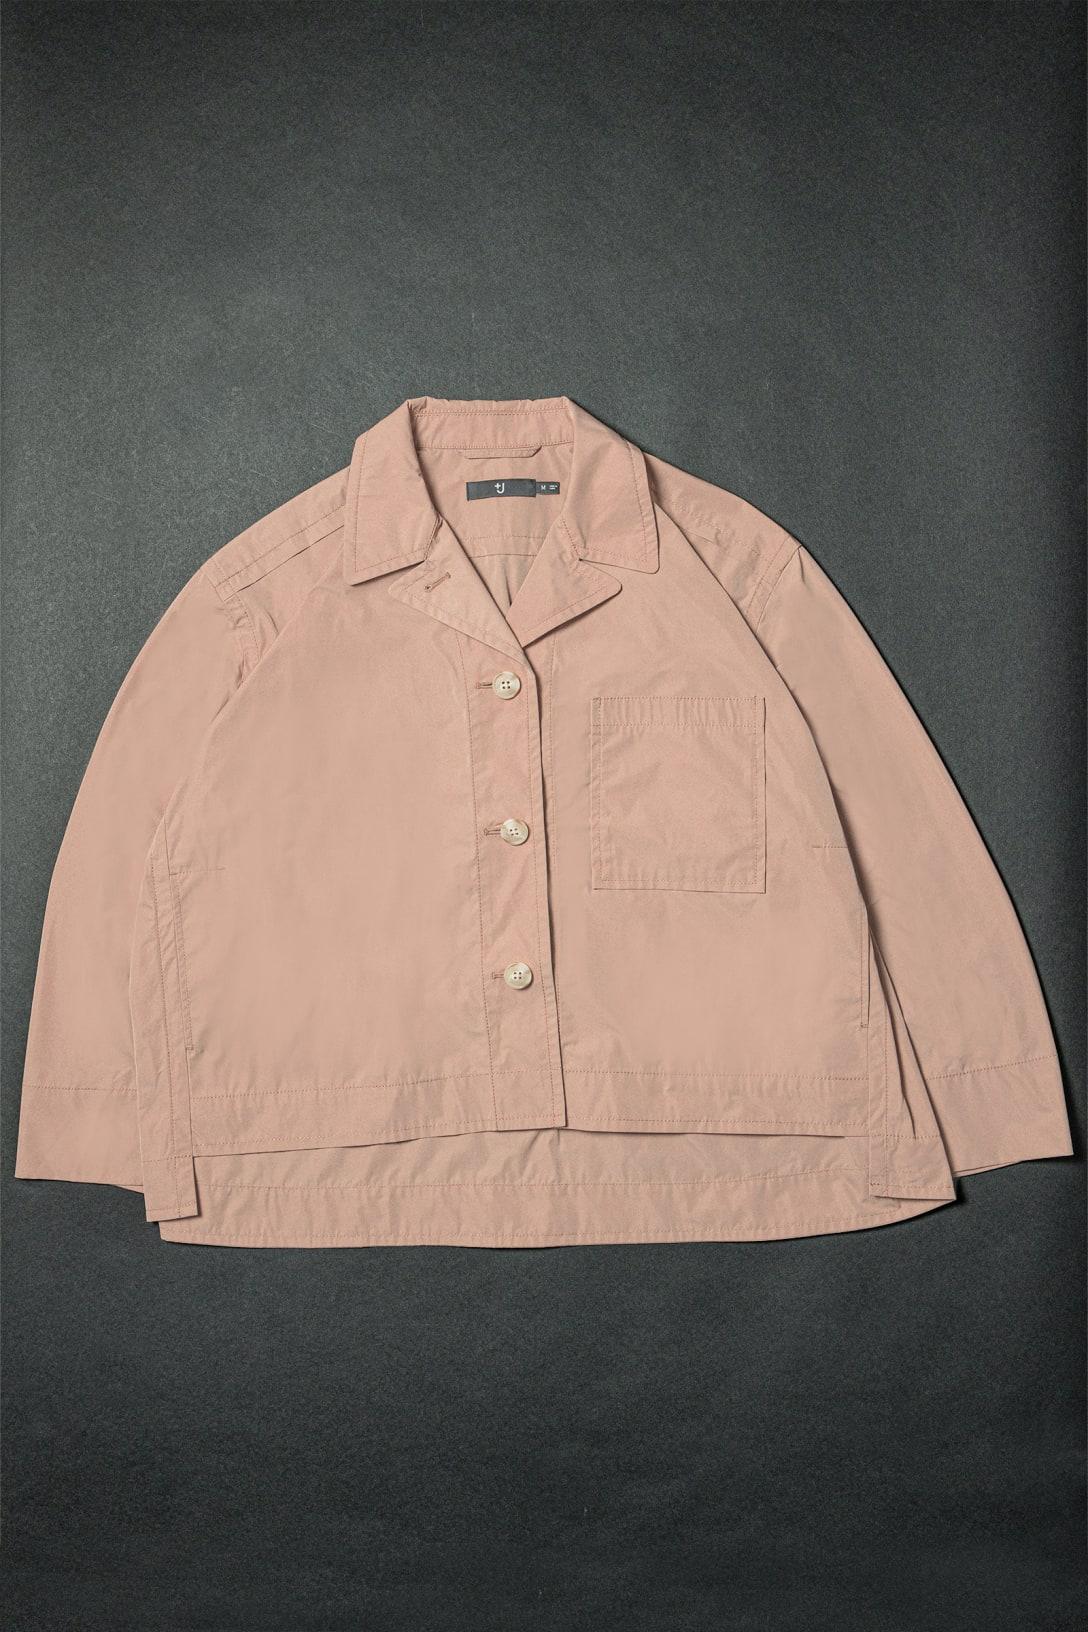 オーバーサイズシャツジャケット(6990円)※価格はいずれも税込